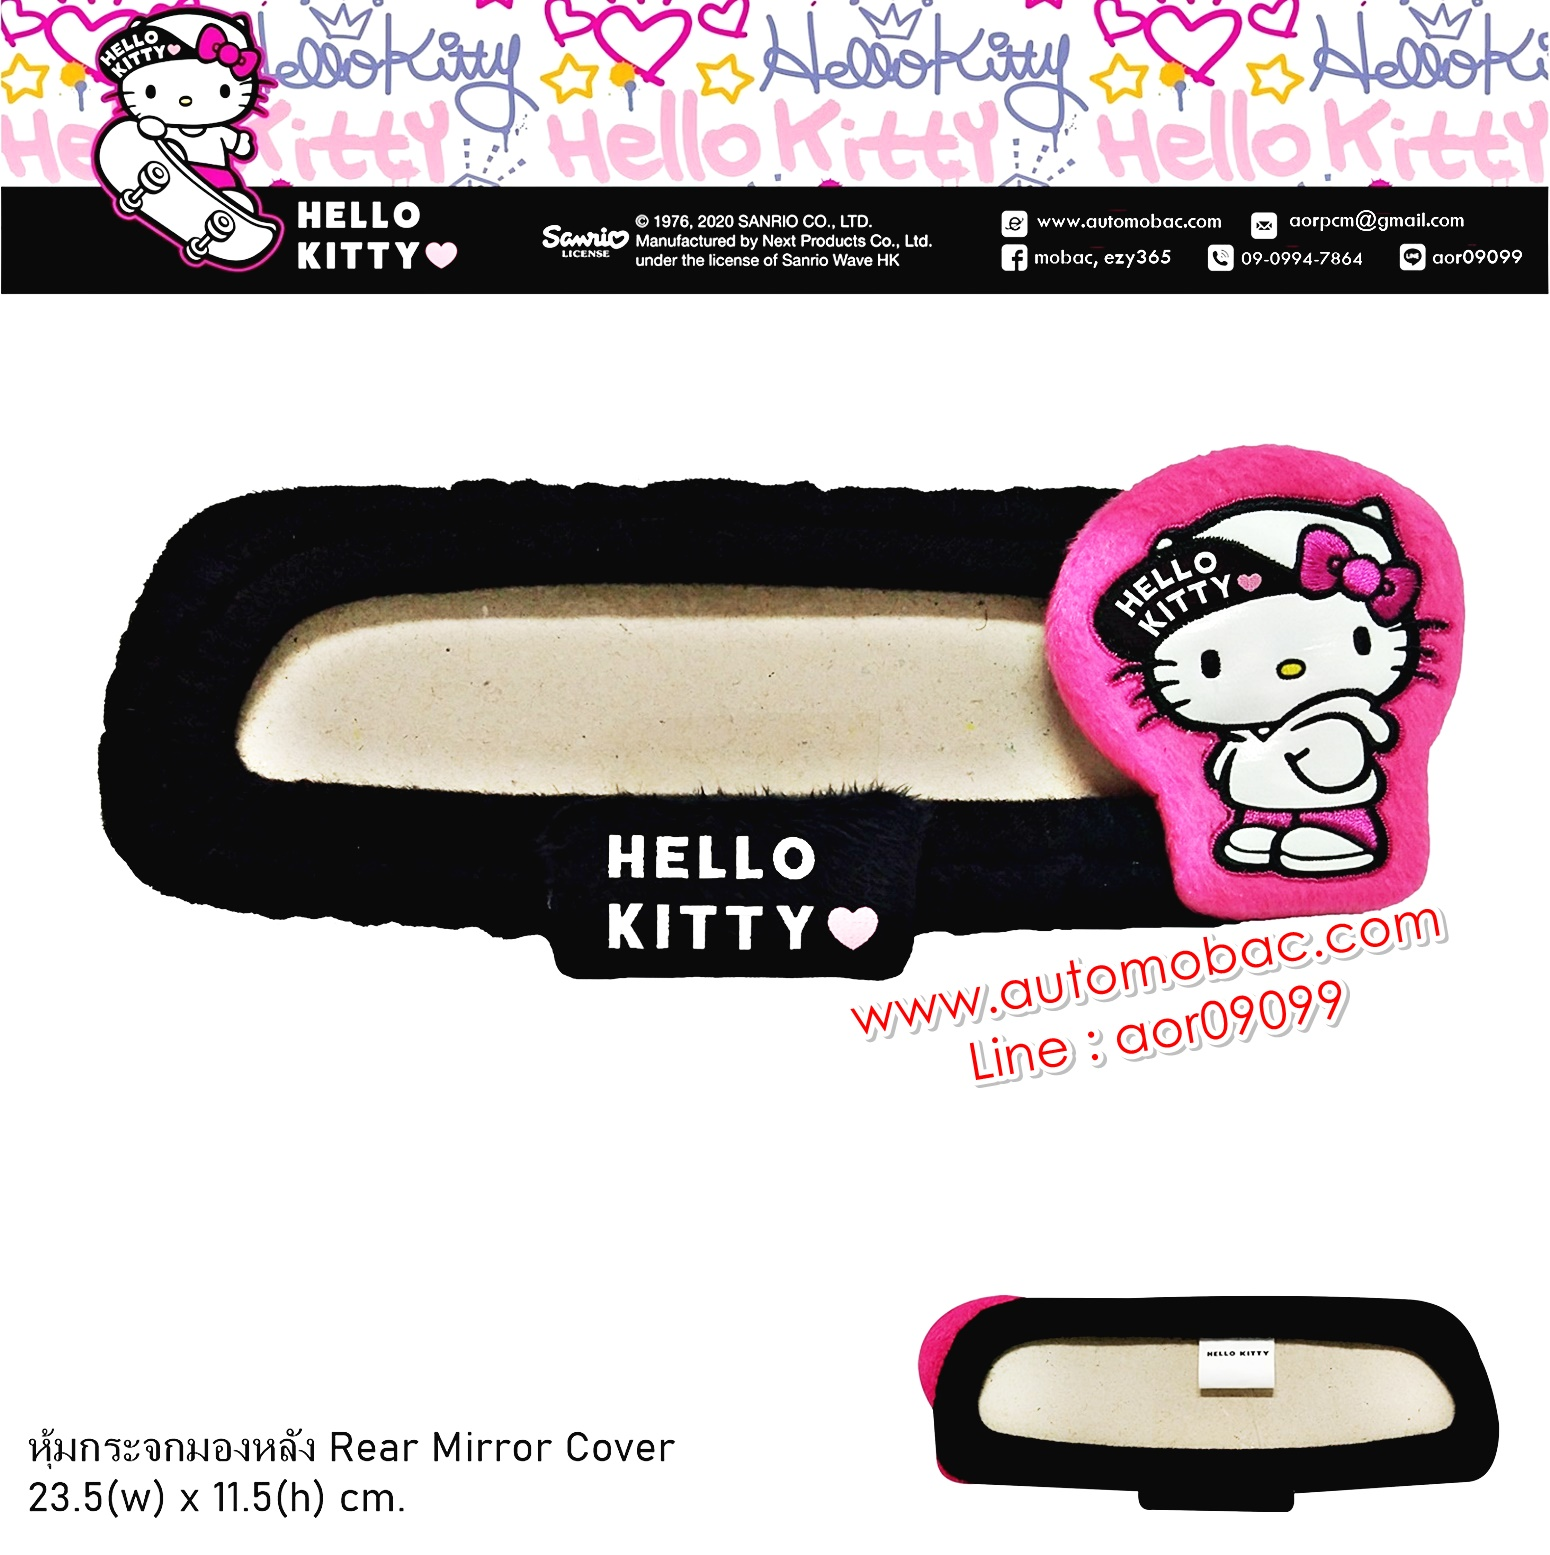 Kitty Street หุ้มกระจกมองหลัง งานผ้าผสมหนัง ขนาด 23.5(w)x11.5(h) cm. เพิ่มความสวยงาม และโดดเด่น แท้